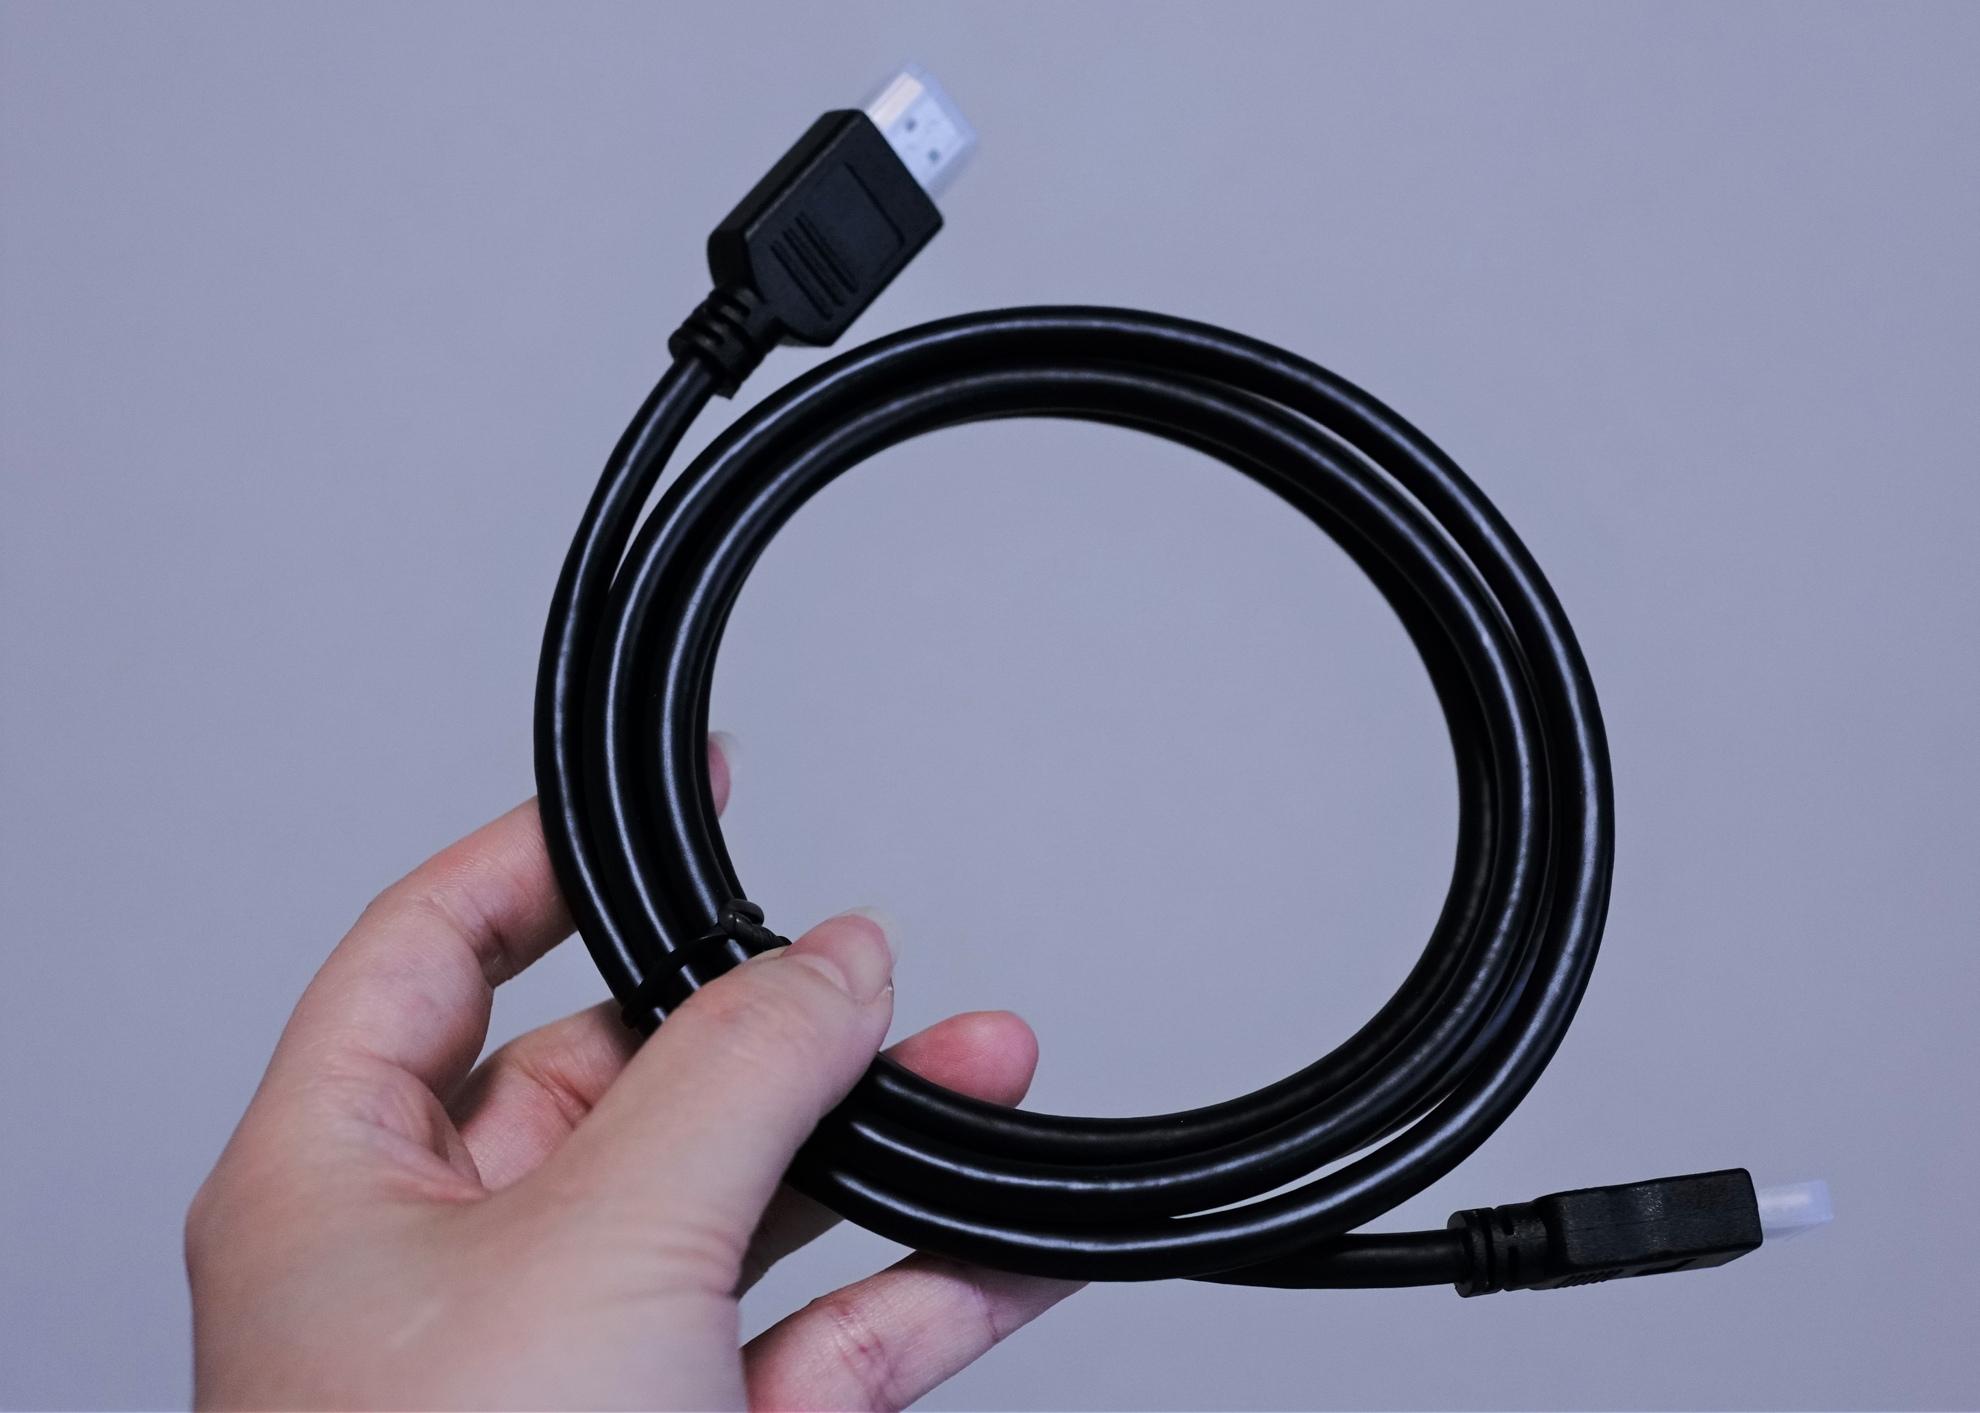 【クーポンで$159.99】電源不要・TYPE-Cケーブル1本で接続可能な17.3インチモバイルモニター PORPOISE HT-1730XT レビュー